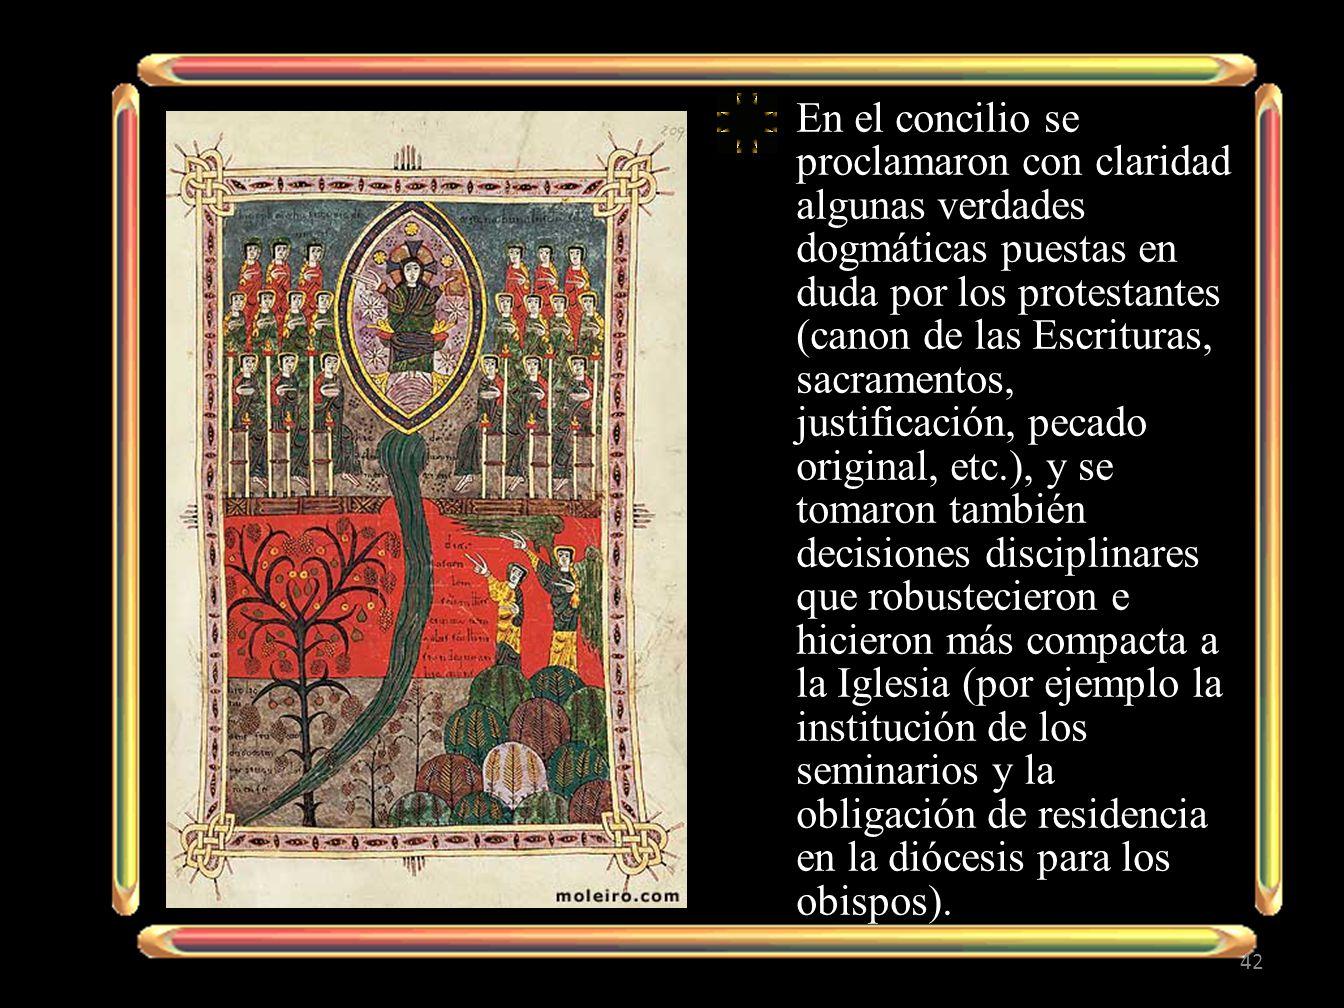 En el concilio se proclamaron con claridad algunas verdades dogmáticas puestas en duda por los protestantes (canon de las Escrituras, sacramentos, jus